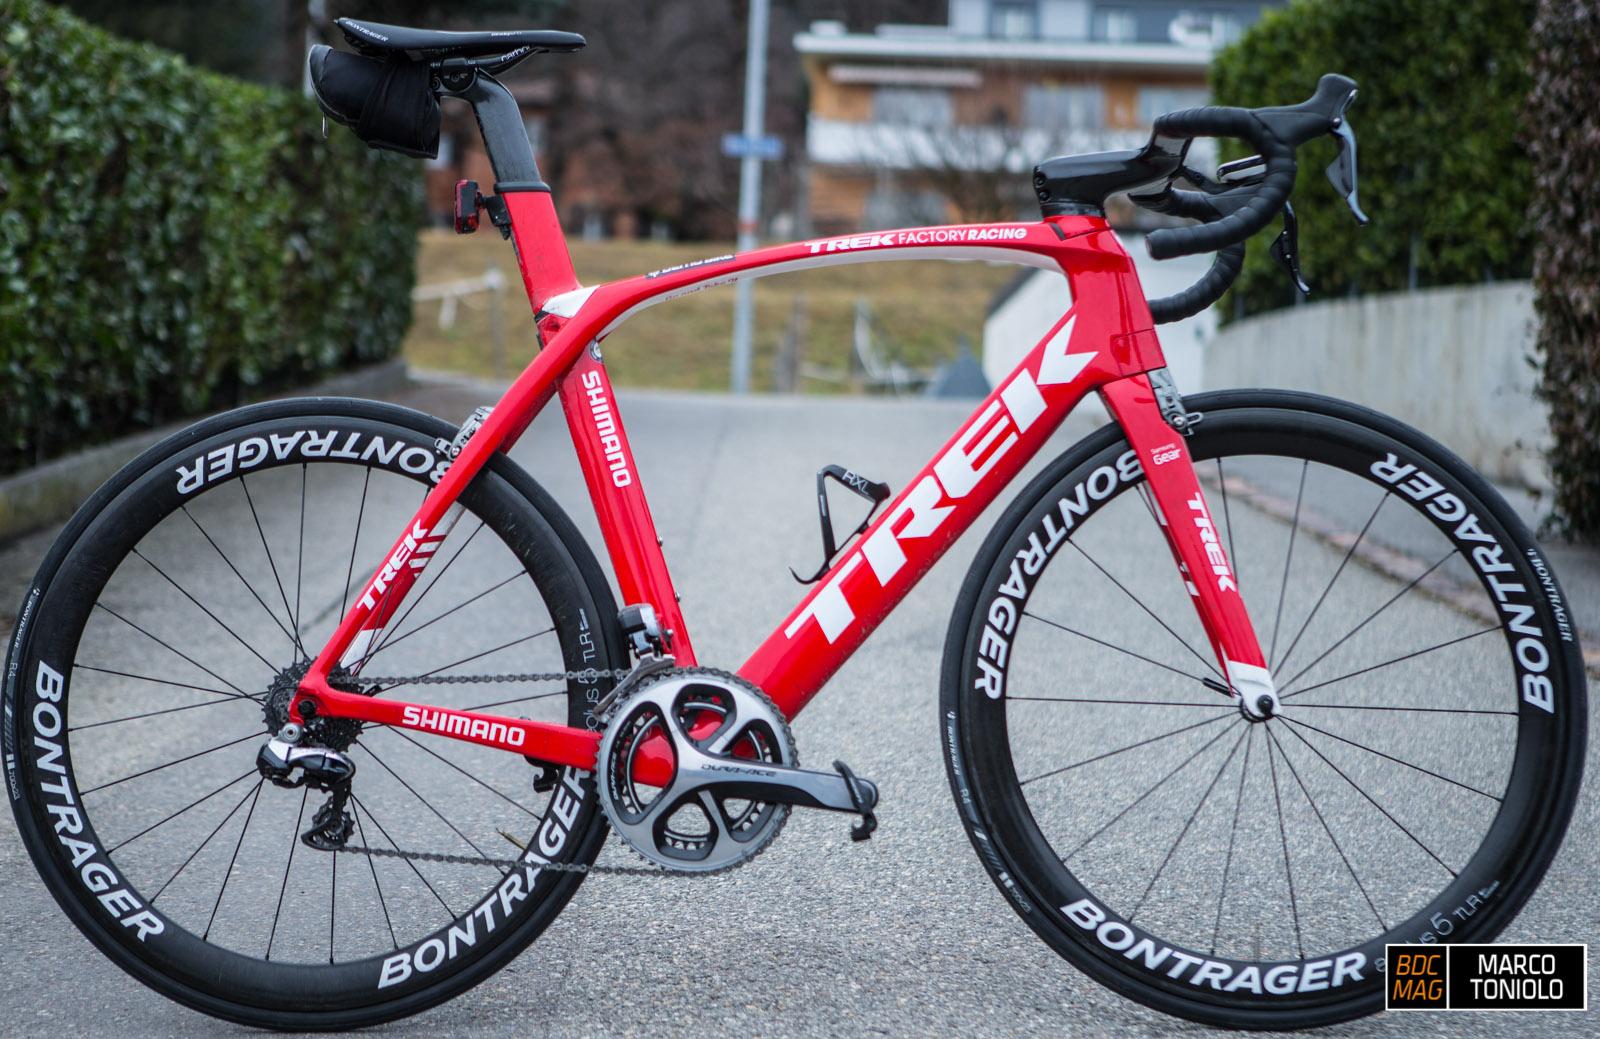 Ducati Bdc